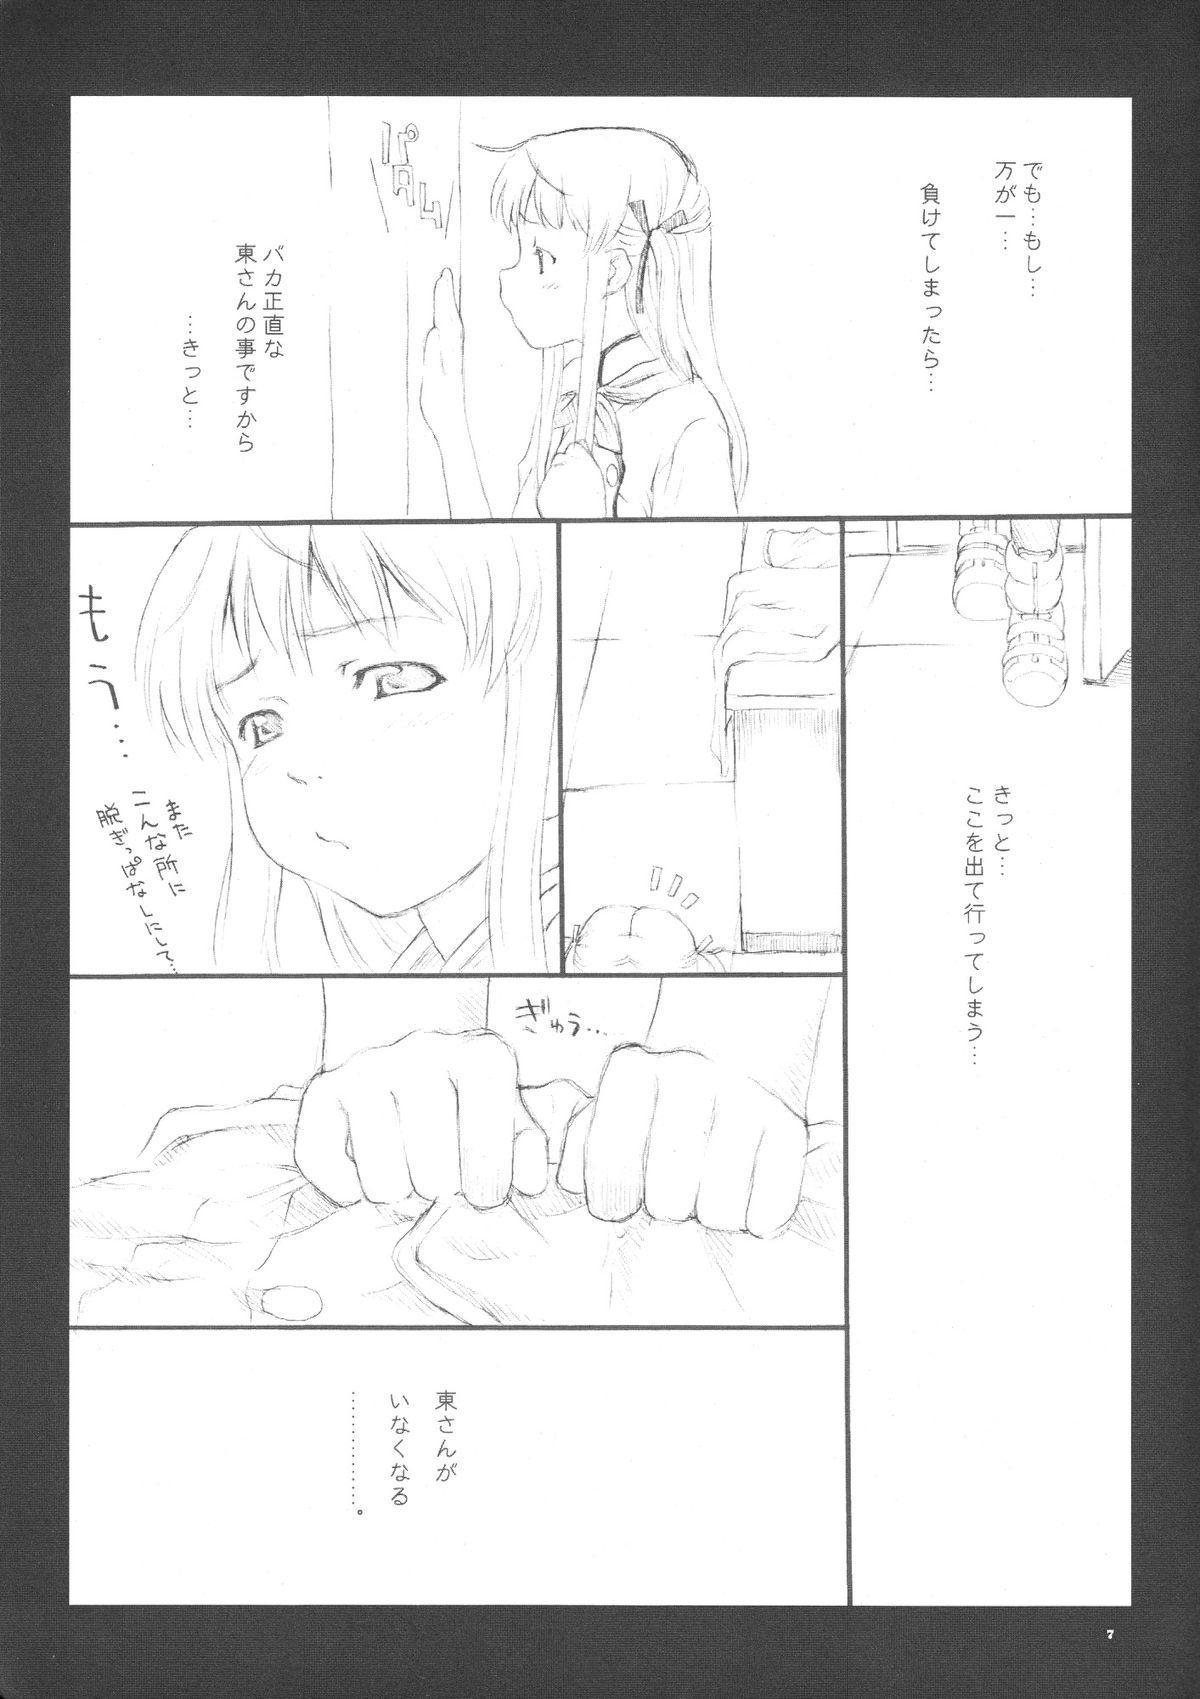 Tsuki no hikari 7